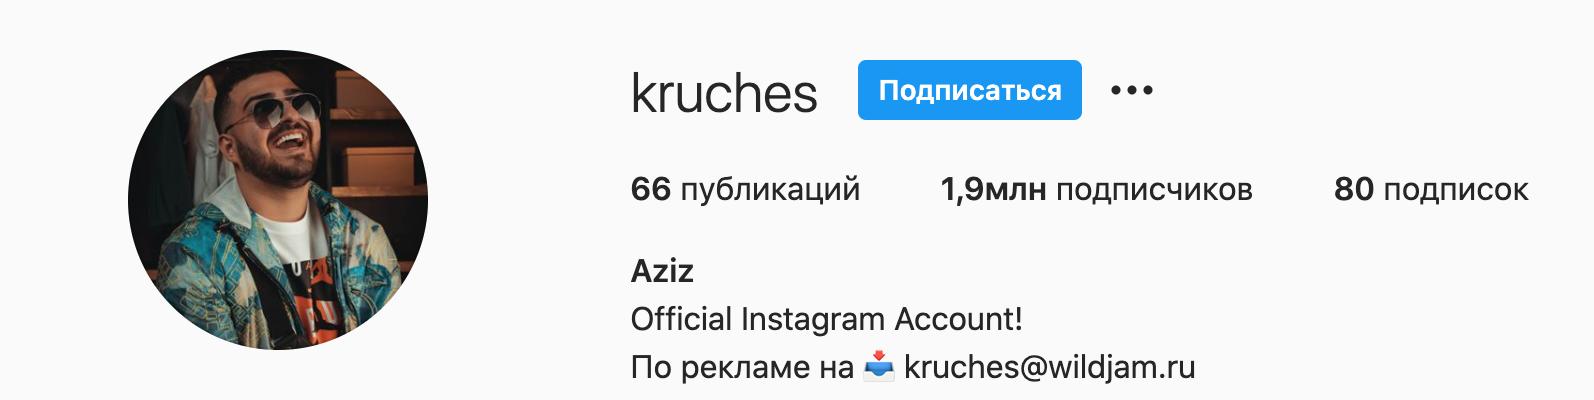 Инстаграм Kruches